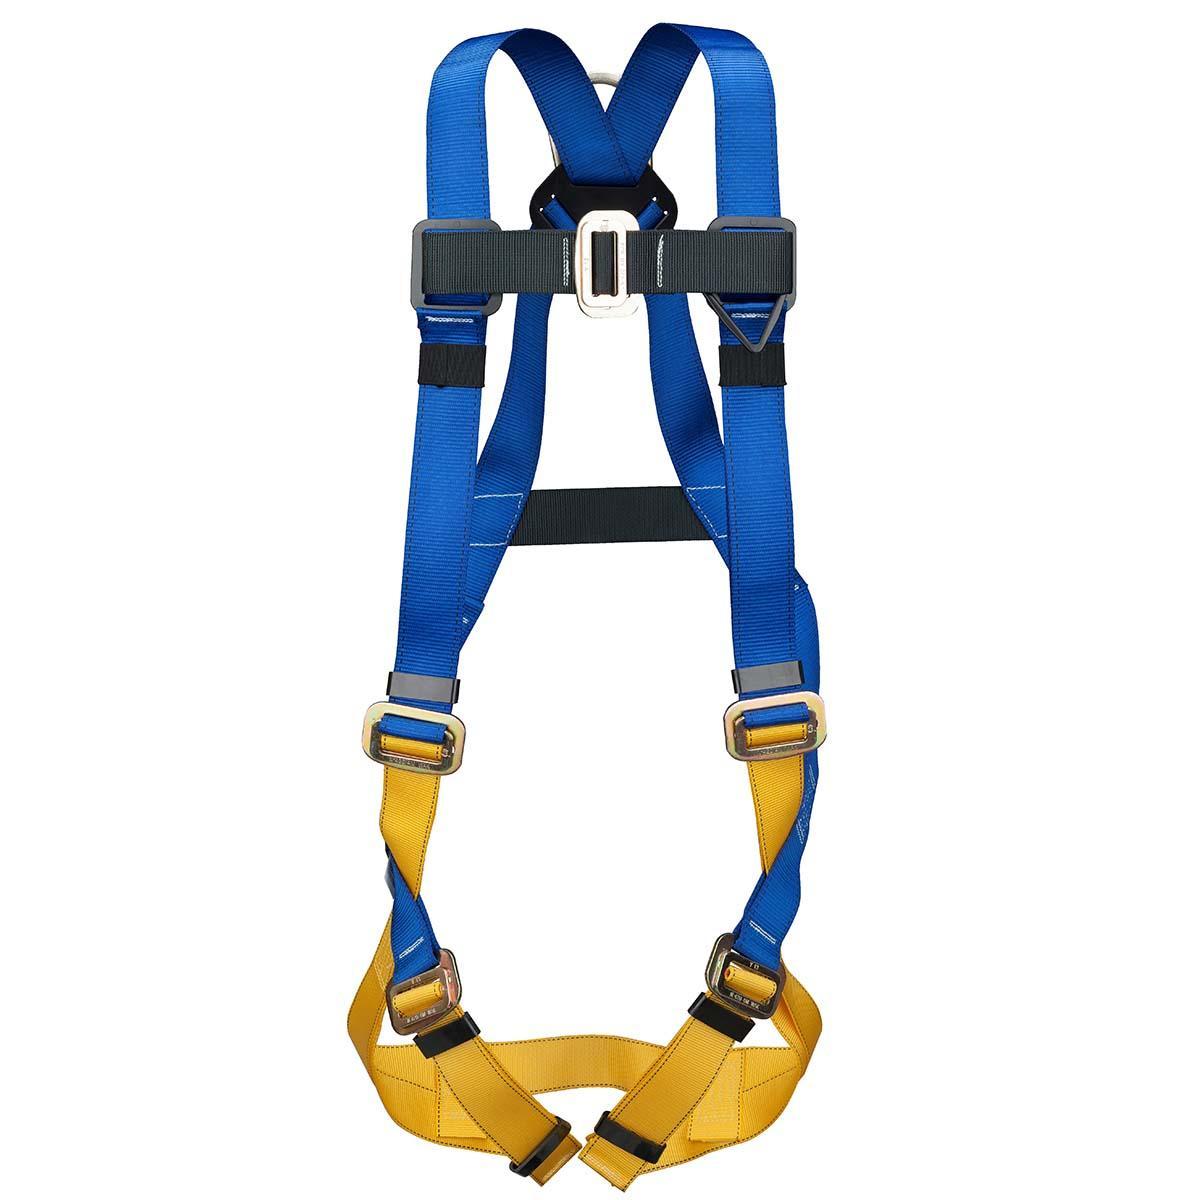 BASEWEAR Harness PT Lgs (U)